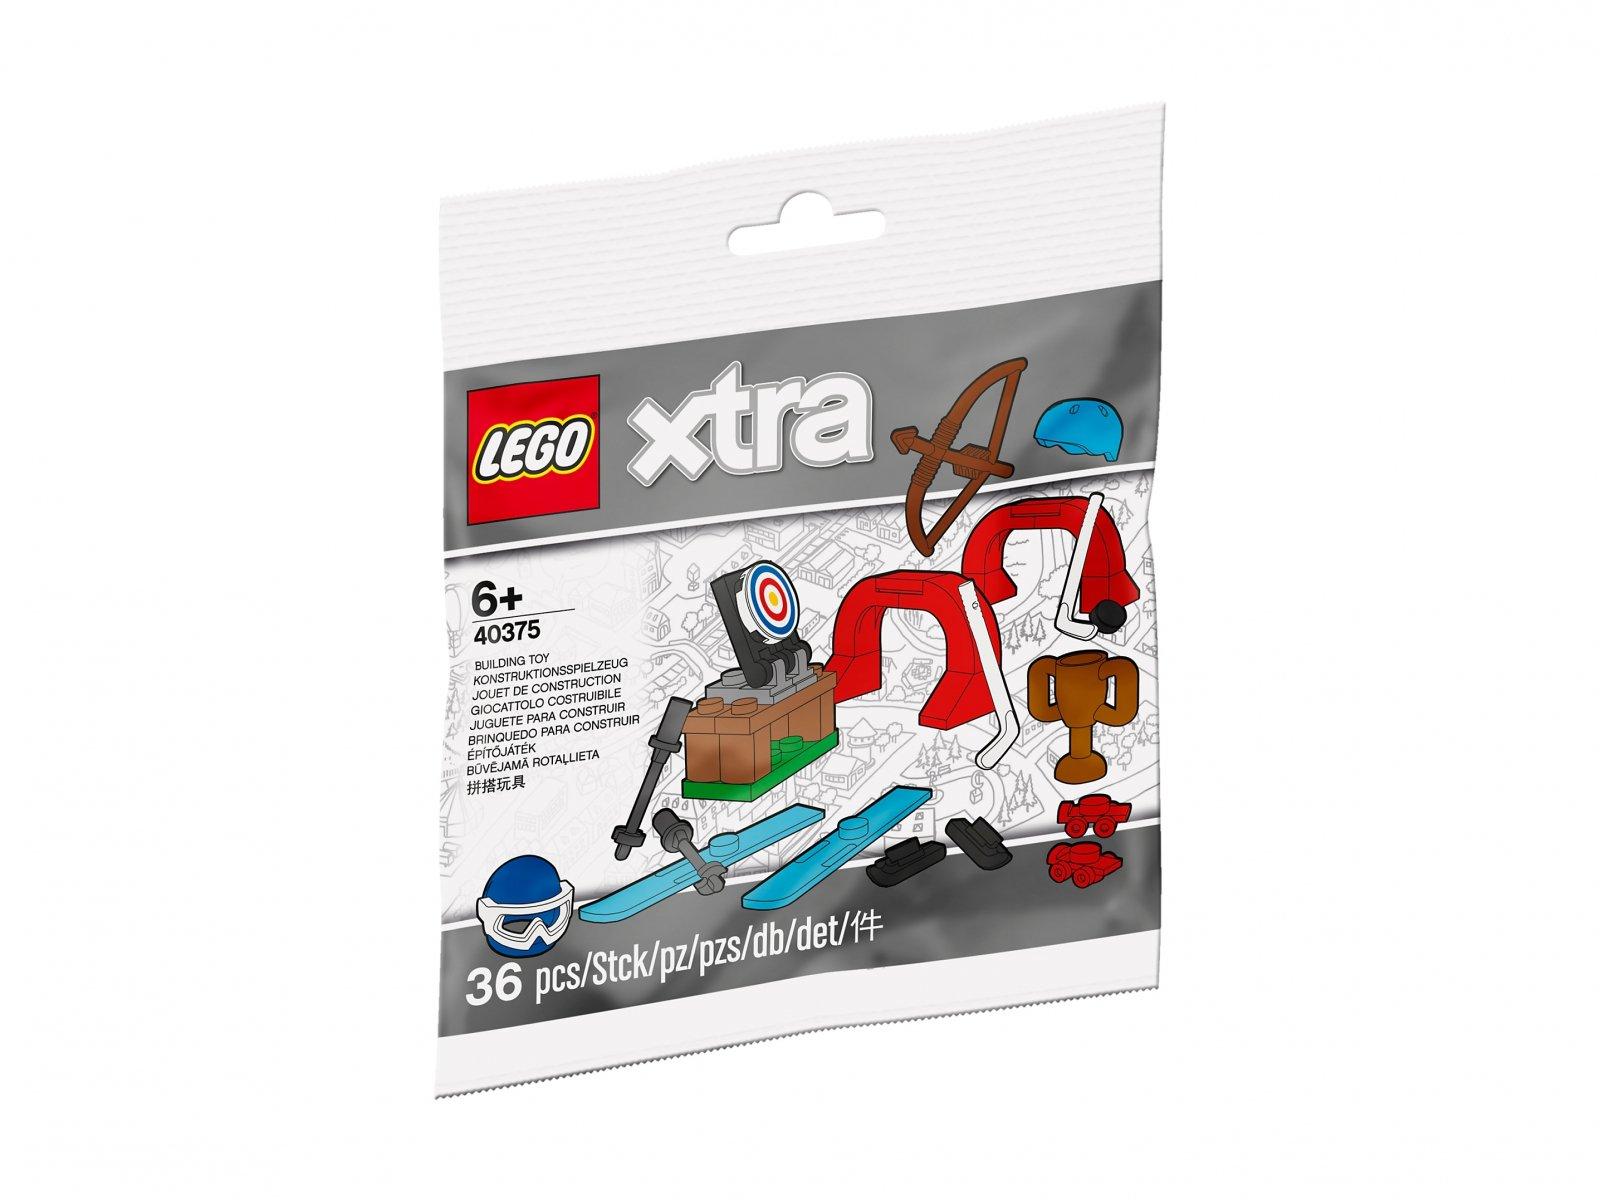 LEGO 40375 xtra Akcesoria sportowe